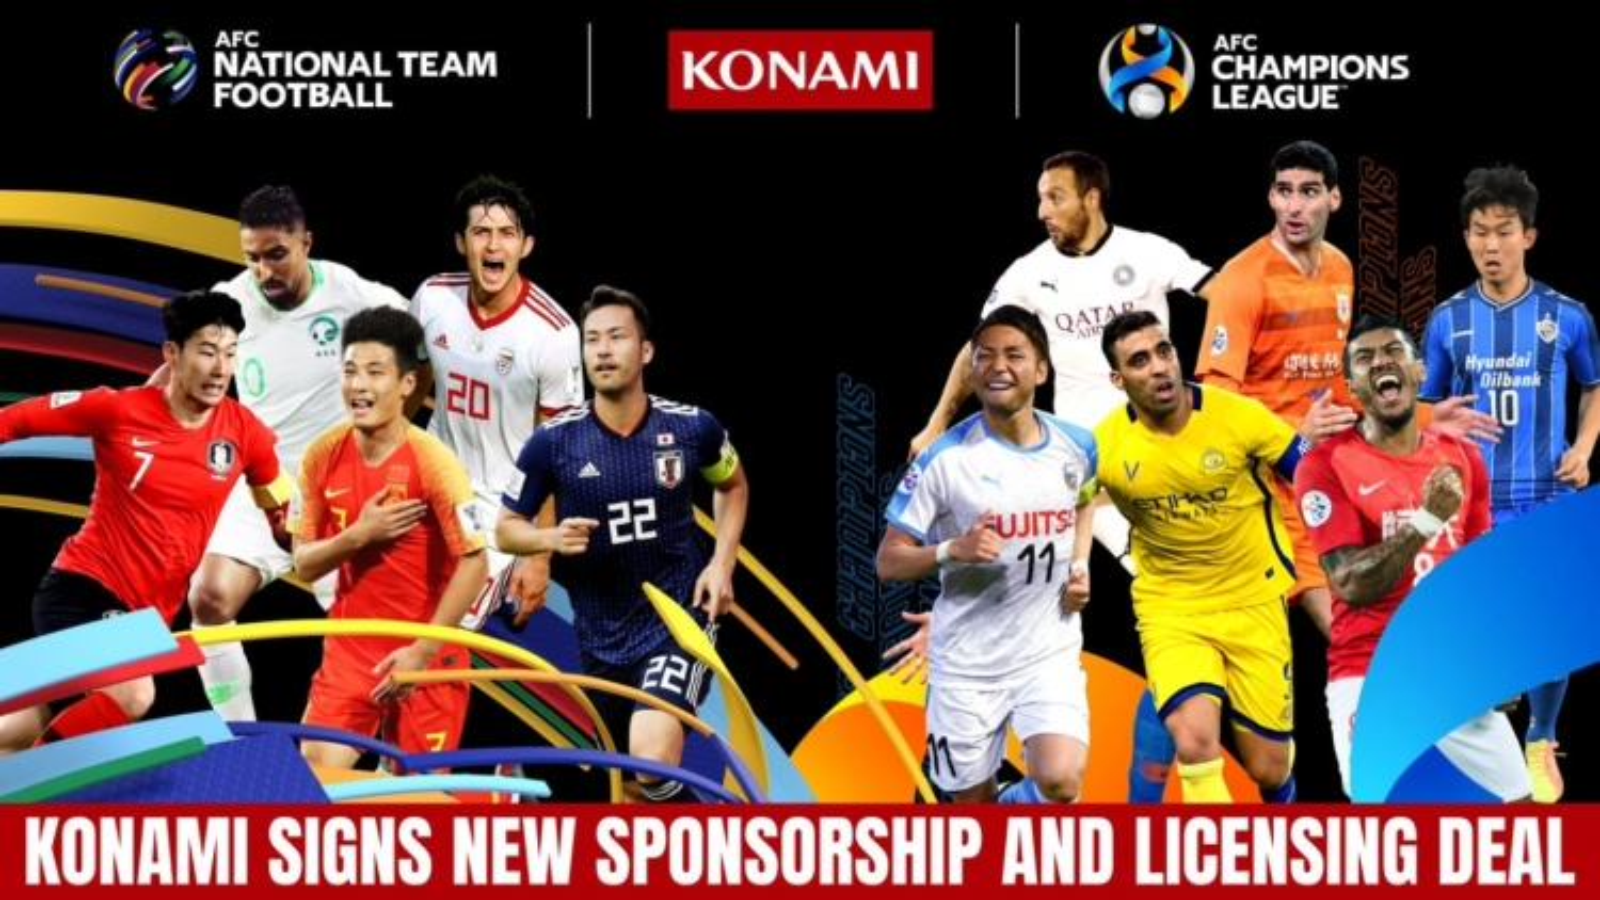 ĐT Việt Nam và CLB Viettel xuất hiện trong game PES 2022